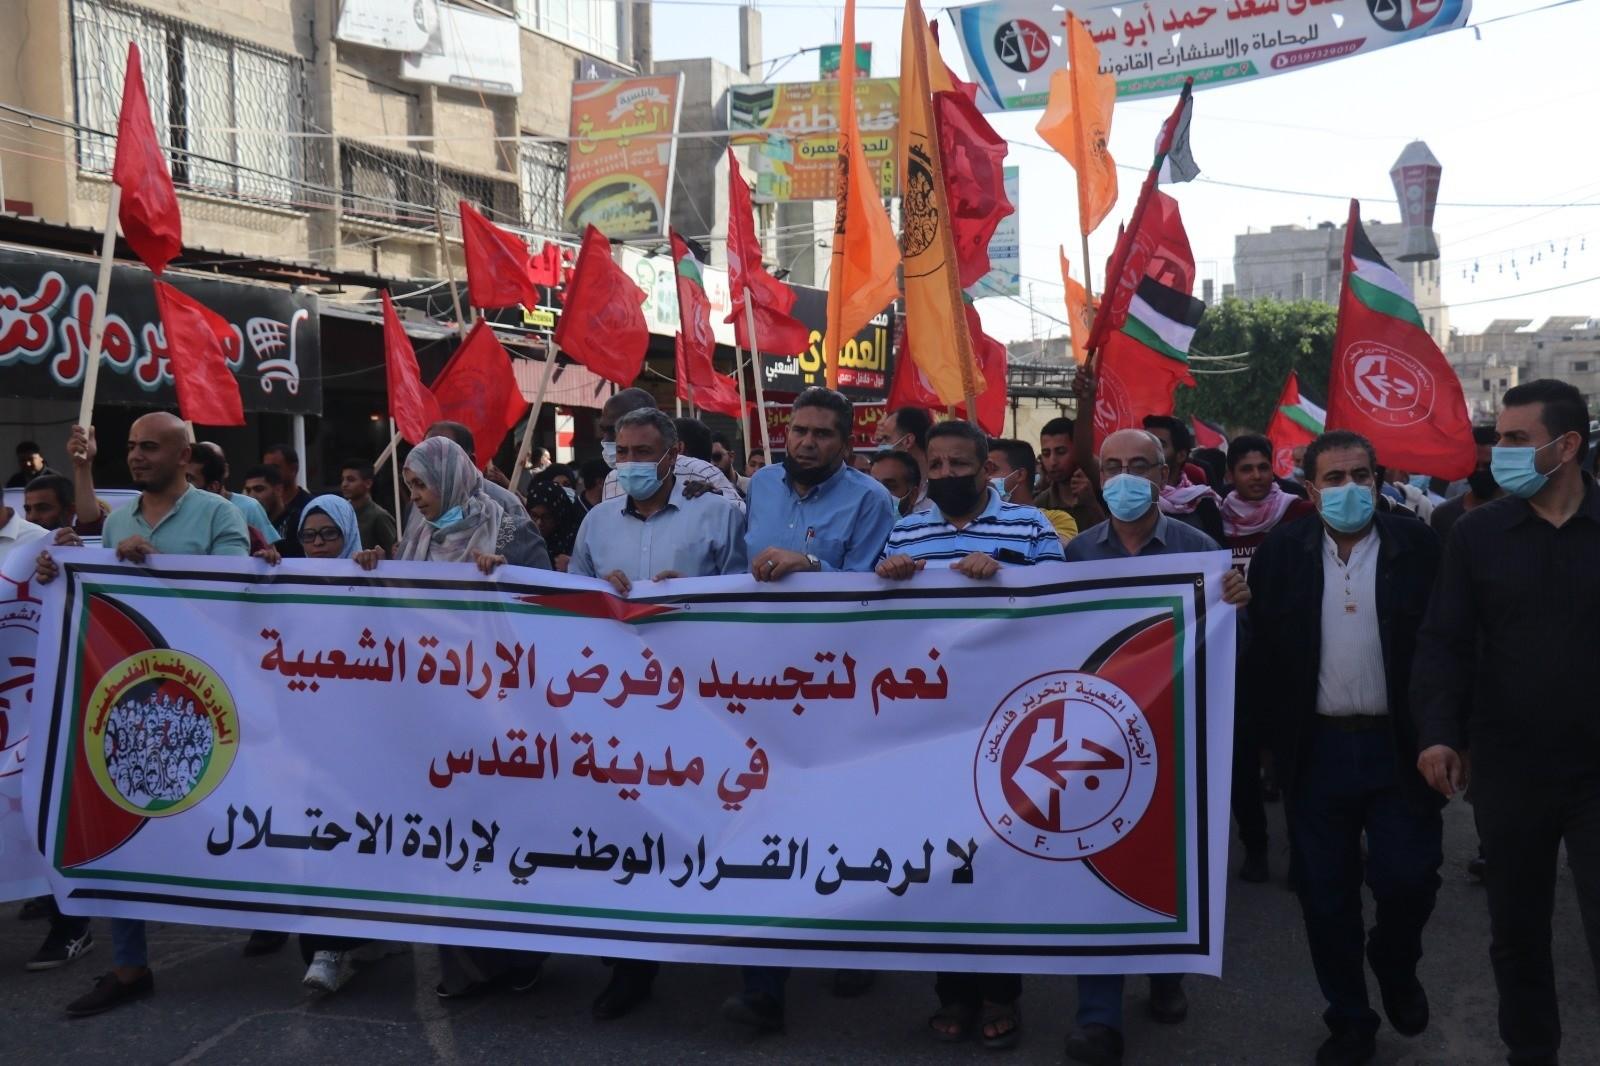 الشعبيّة والمبادرة تنظمان مسيرة جماهيرية انتصارًا للقدس ورفضًا لنهج التفرد والهيمنة (4).jpg